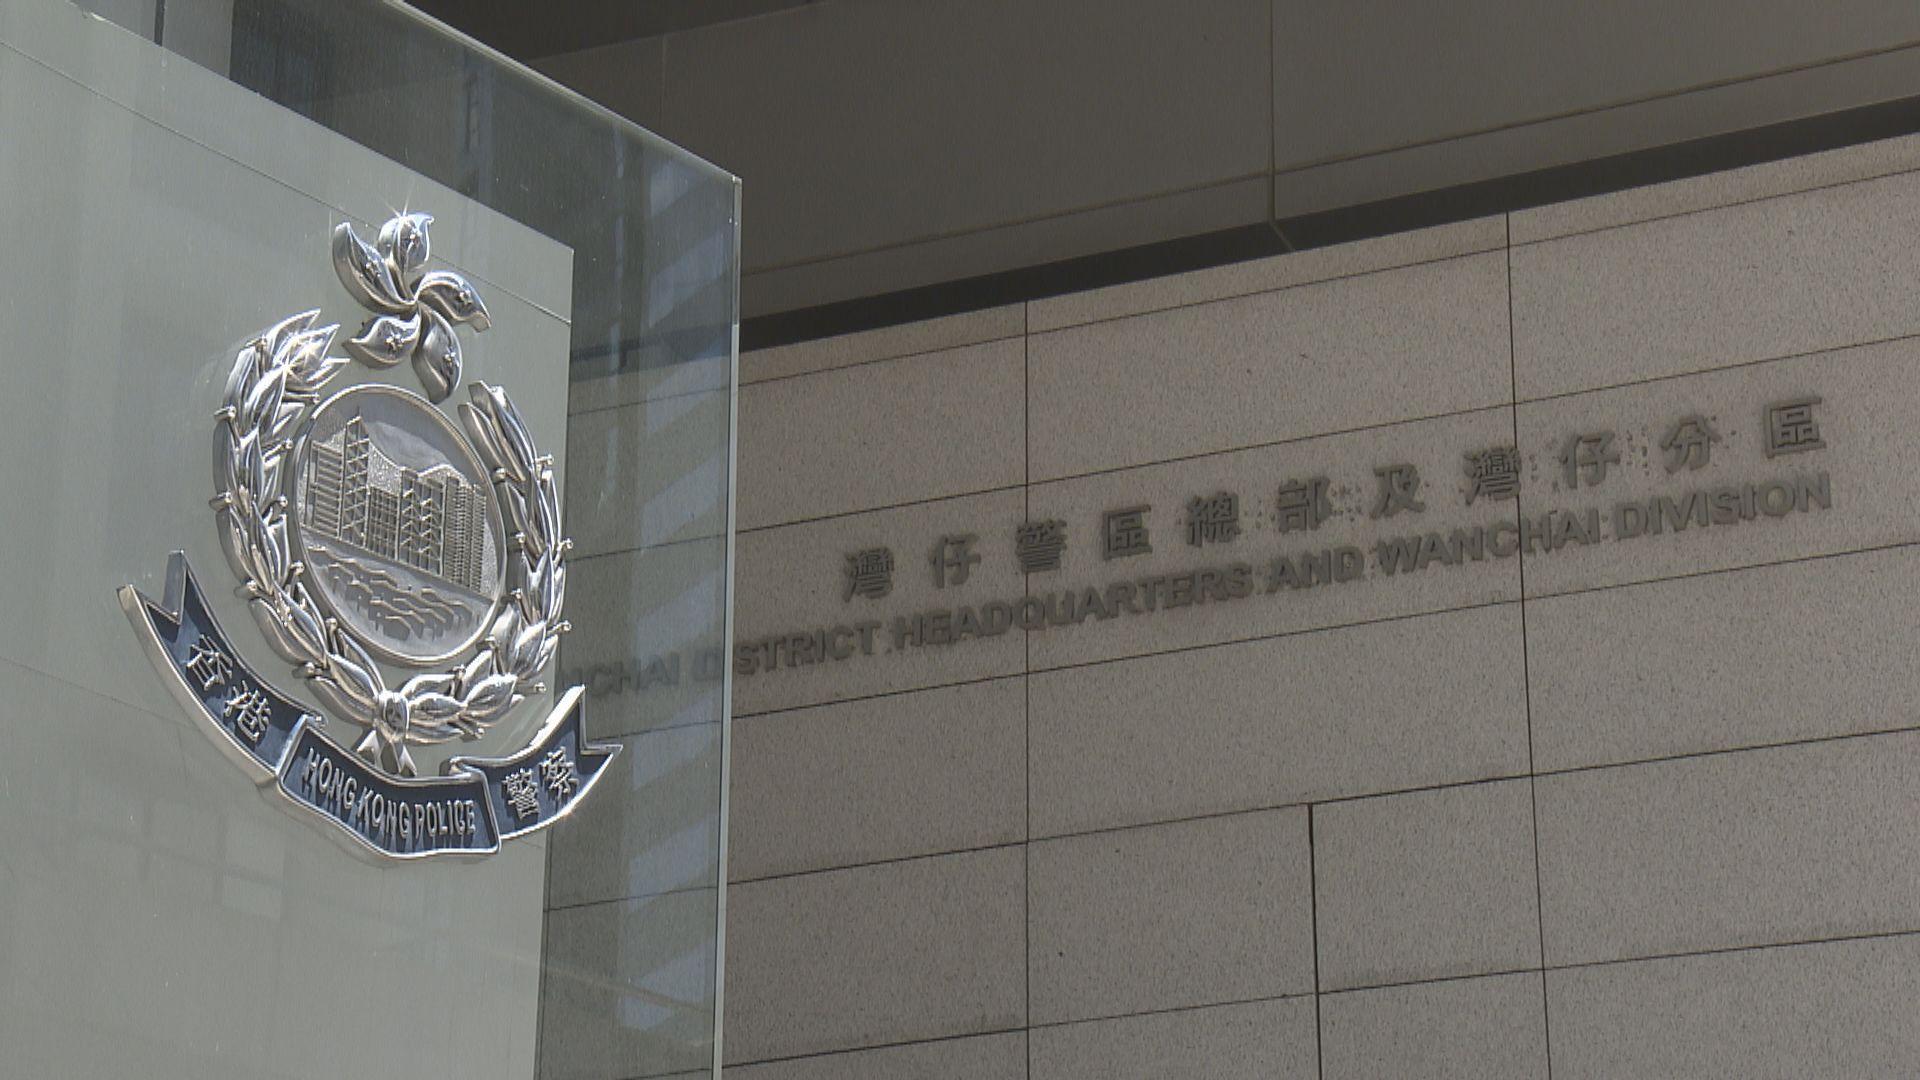 警方向記協提出六宗涉及網媒投訴